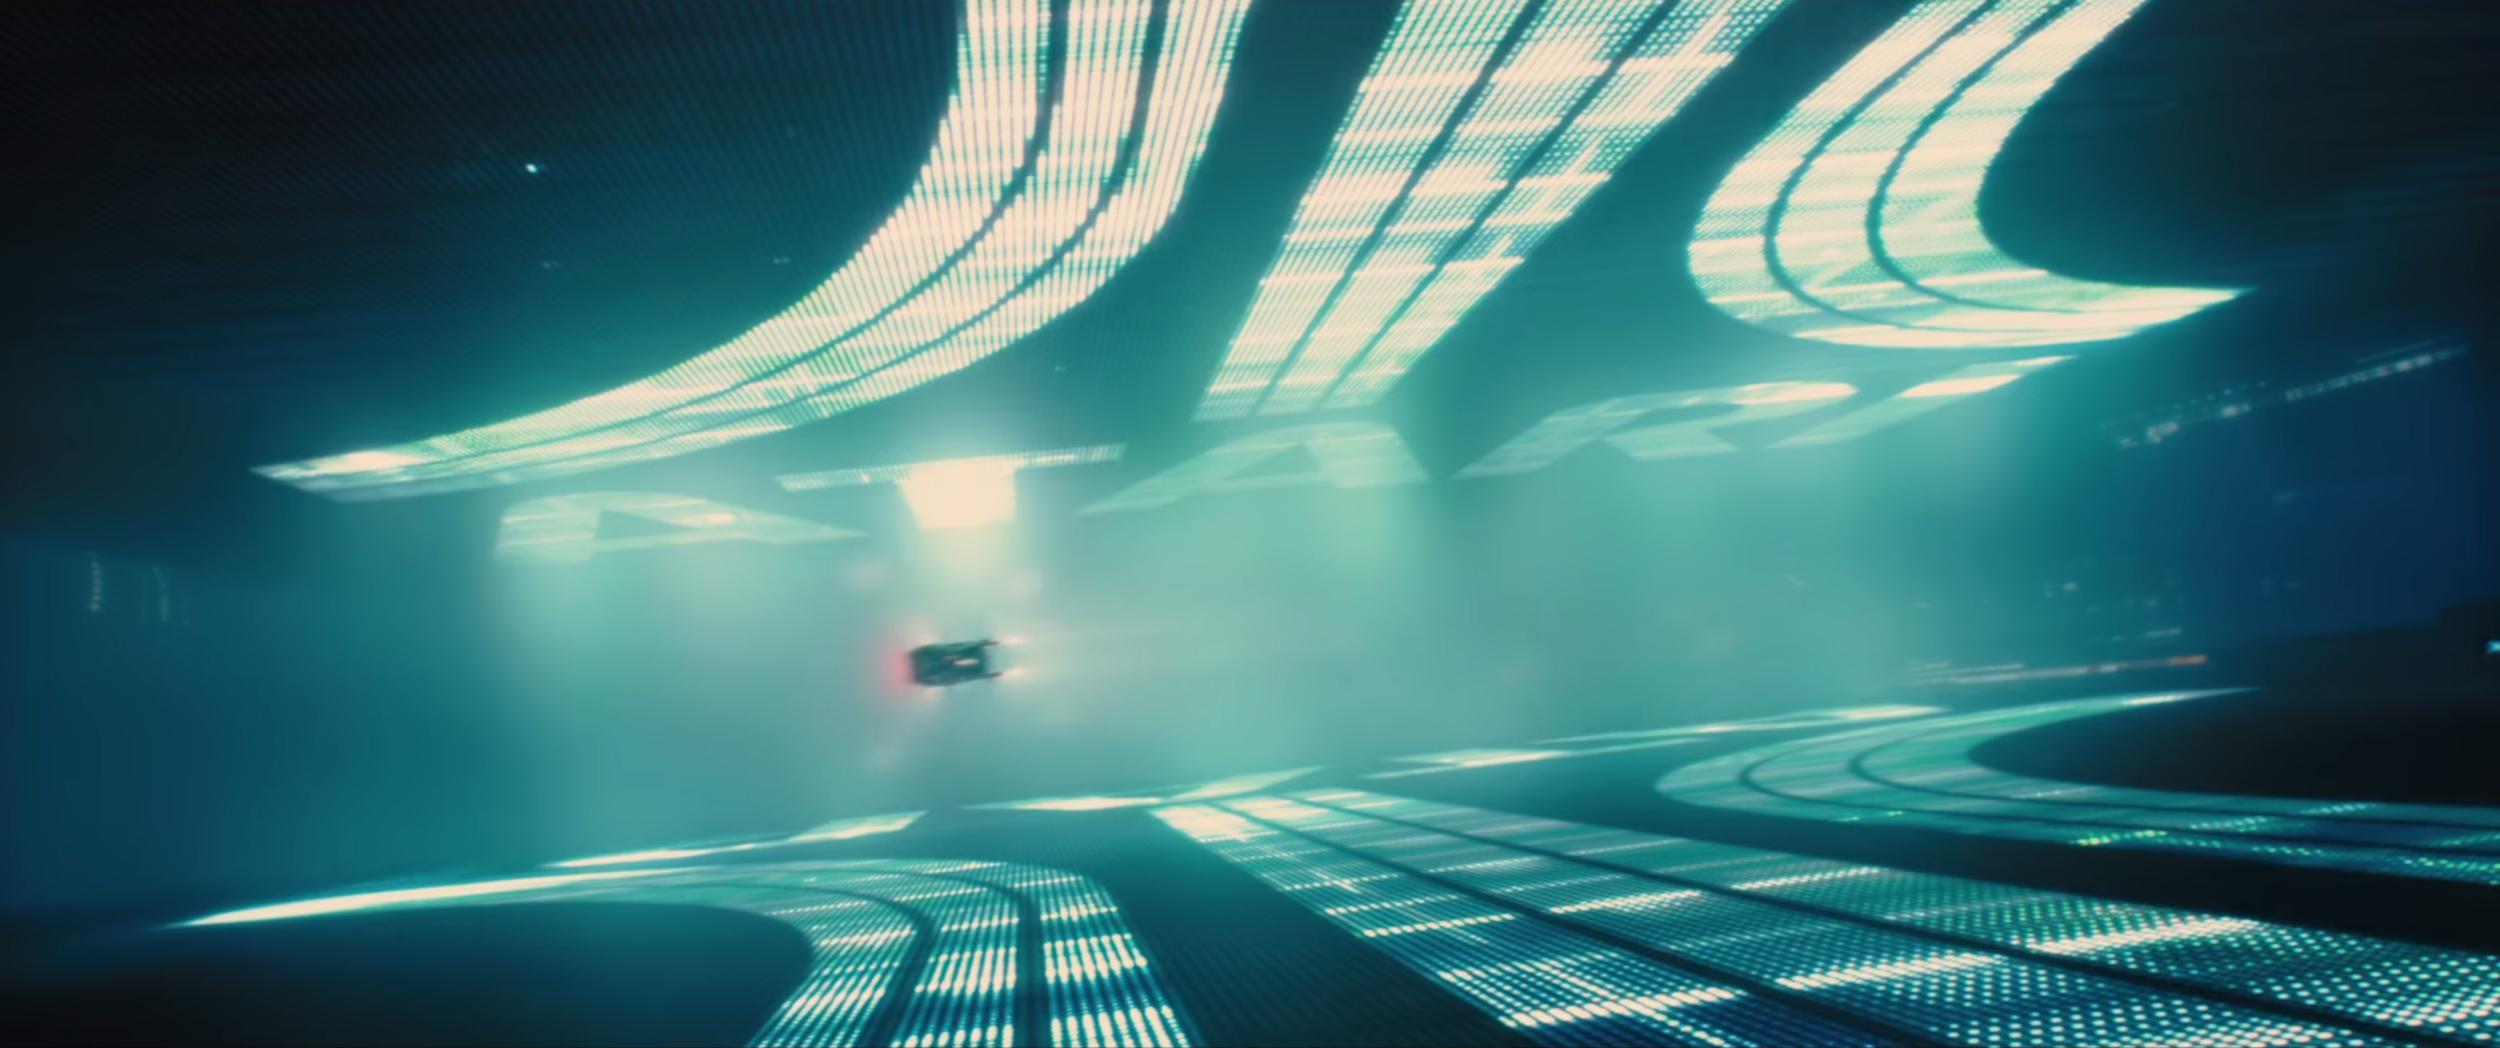 Blade-Runner-2049-Atari-Logo-Trailer-Awesome.png